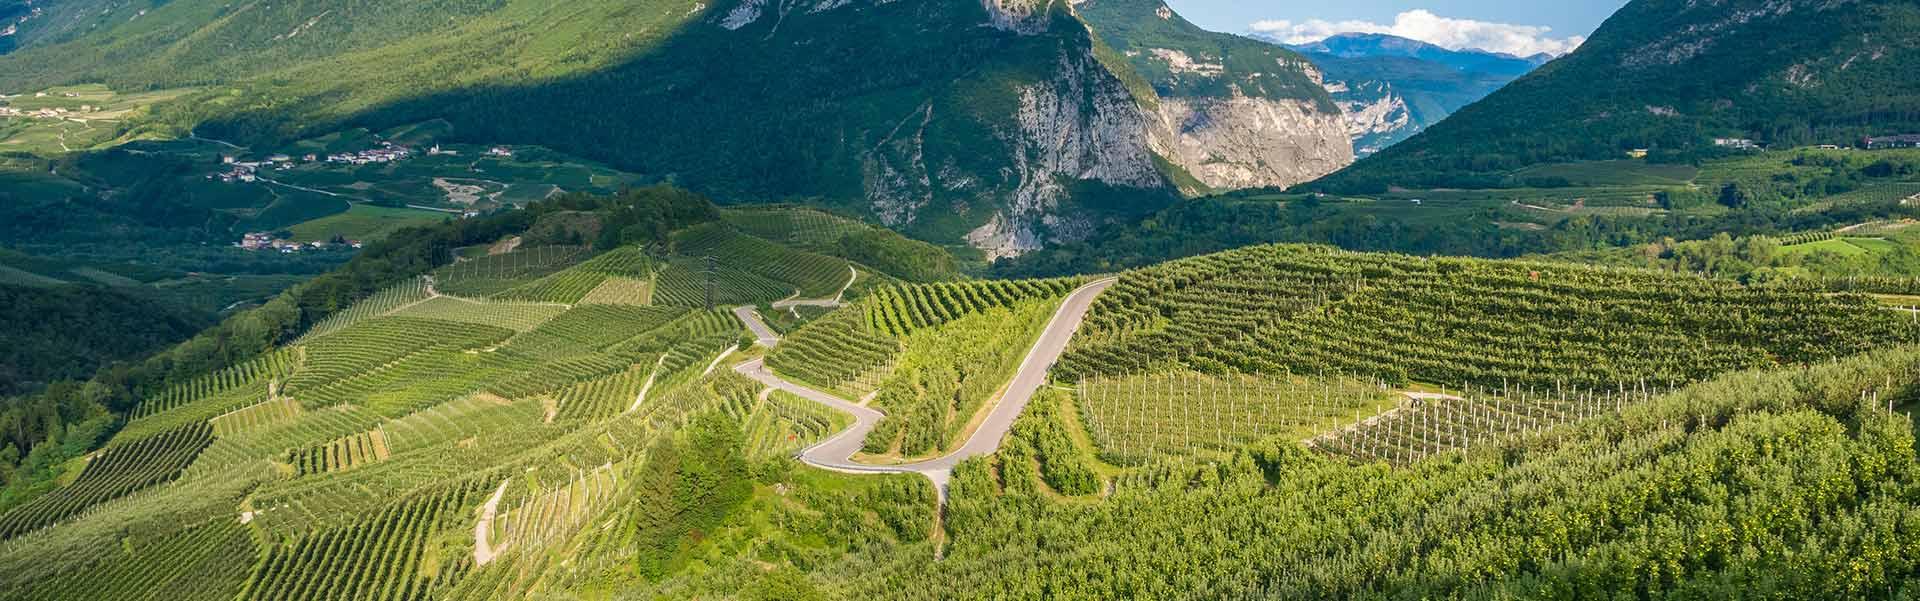 Weinkelllerei Meraner Trentino